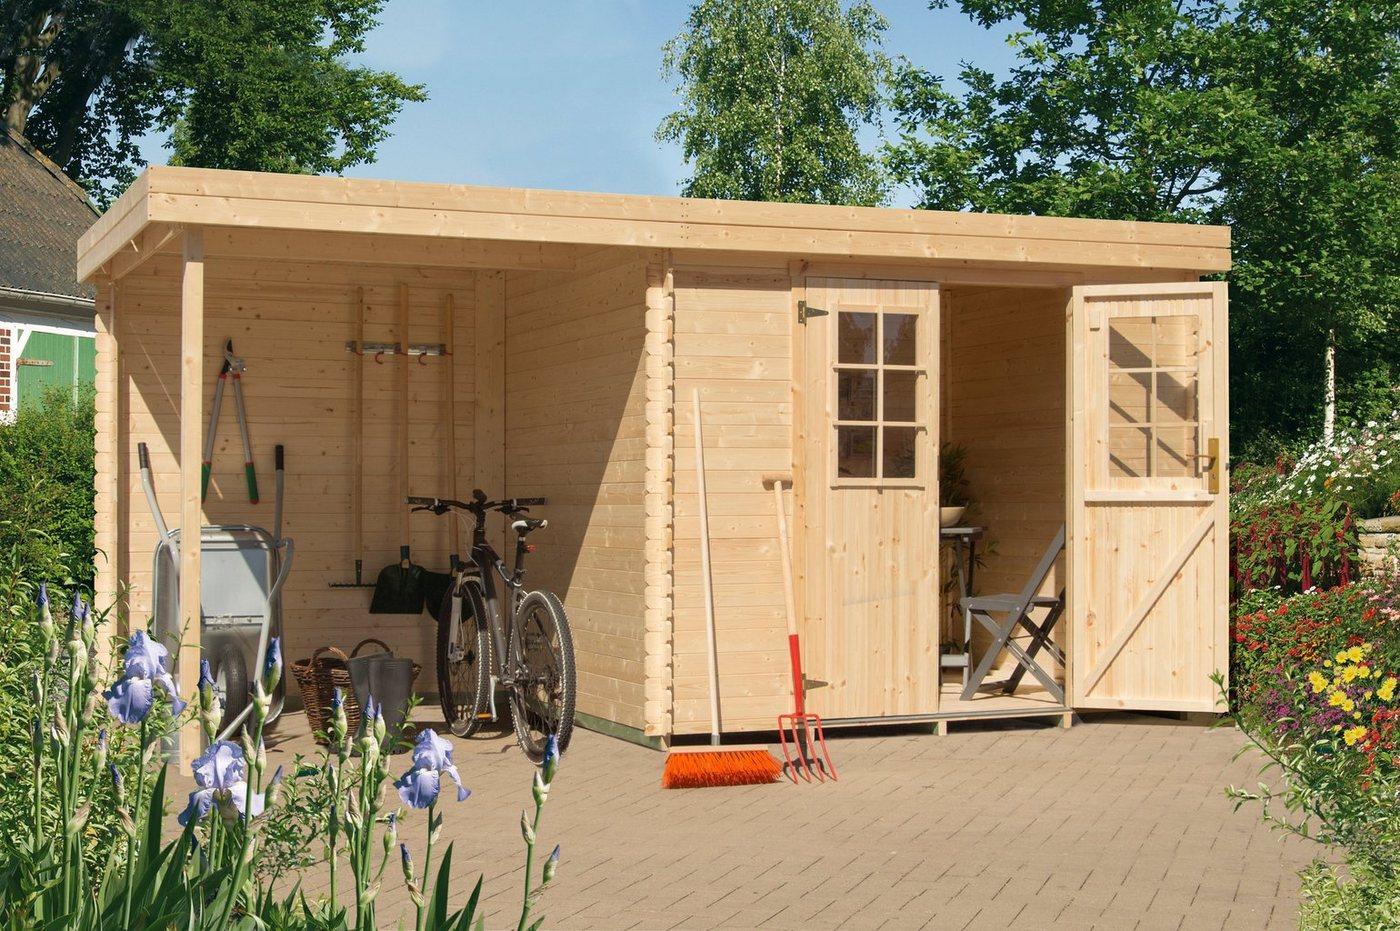 gartenhaus modern preisvergleiche erfahrungsberichte. Black Bedroom Furniture Sets. Home Design Ideas